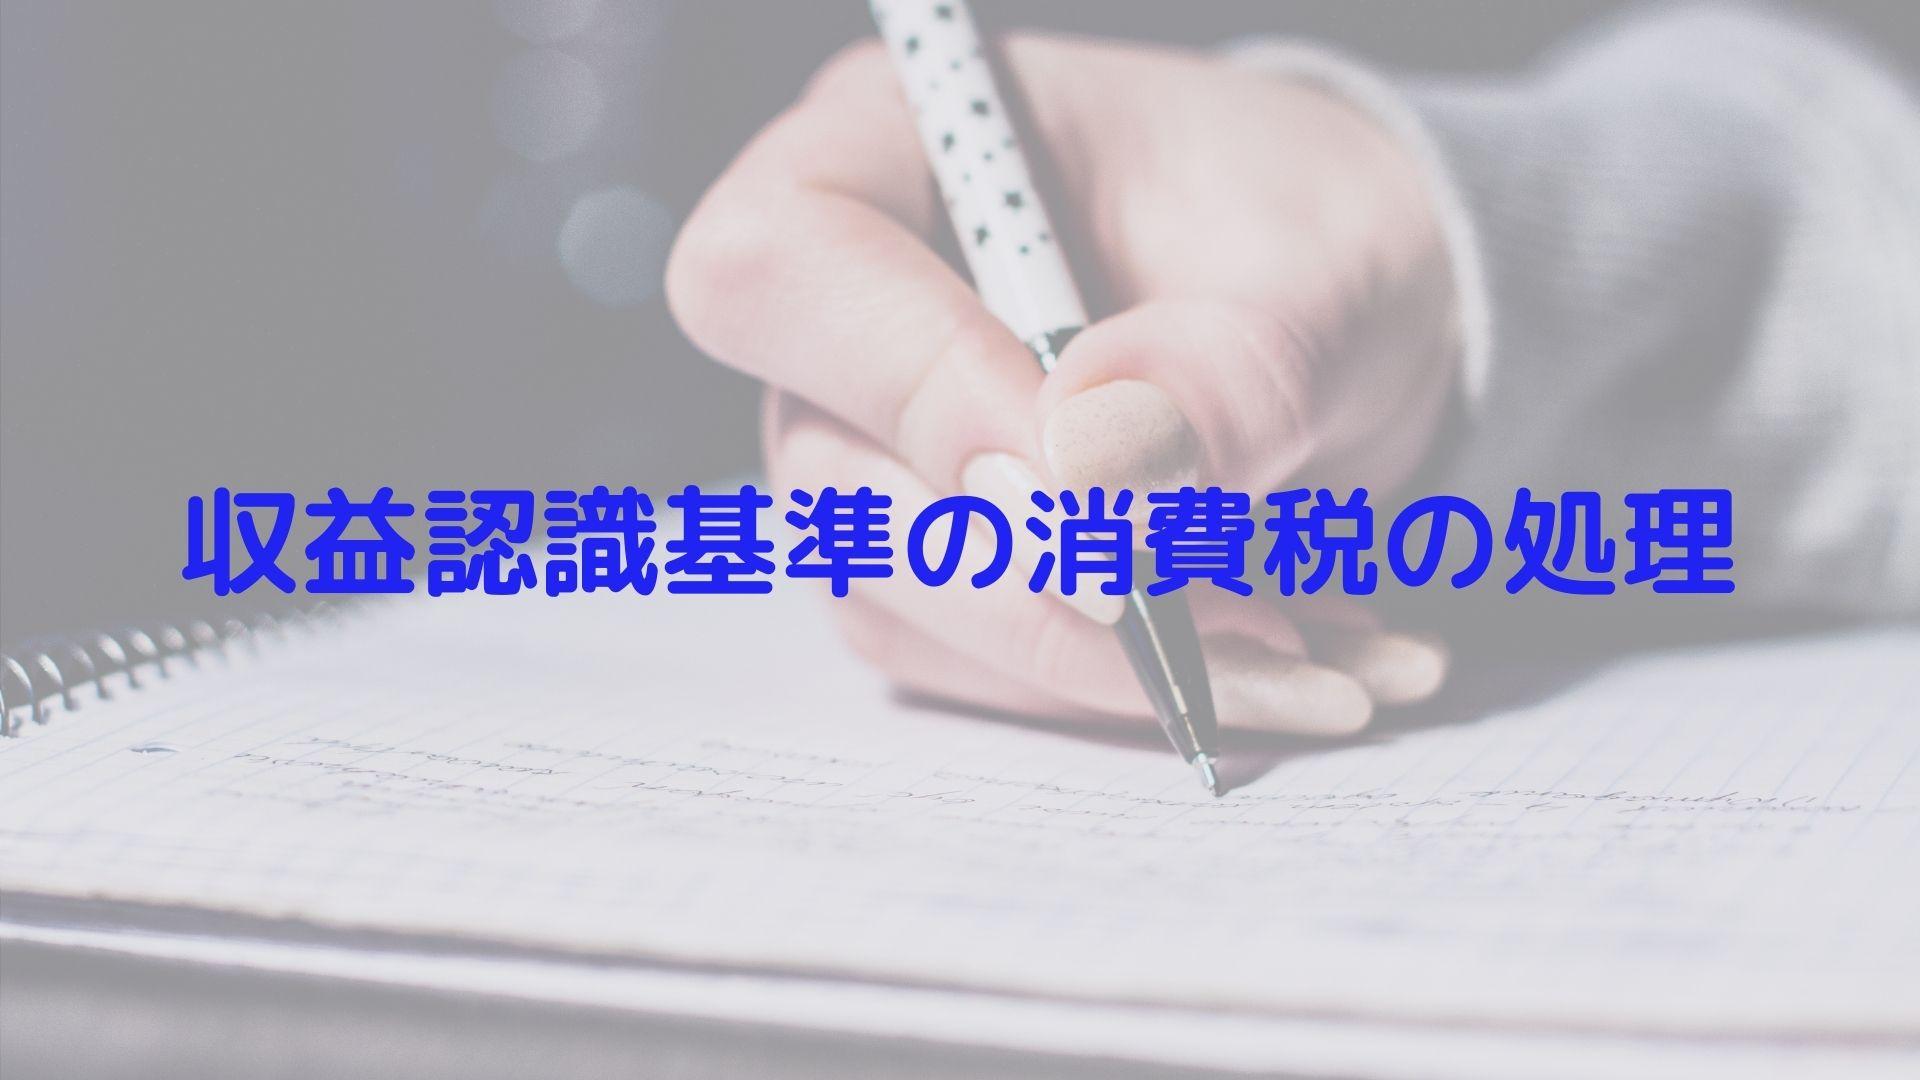 収益認識基準の消費税の処理